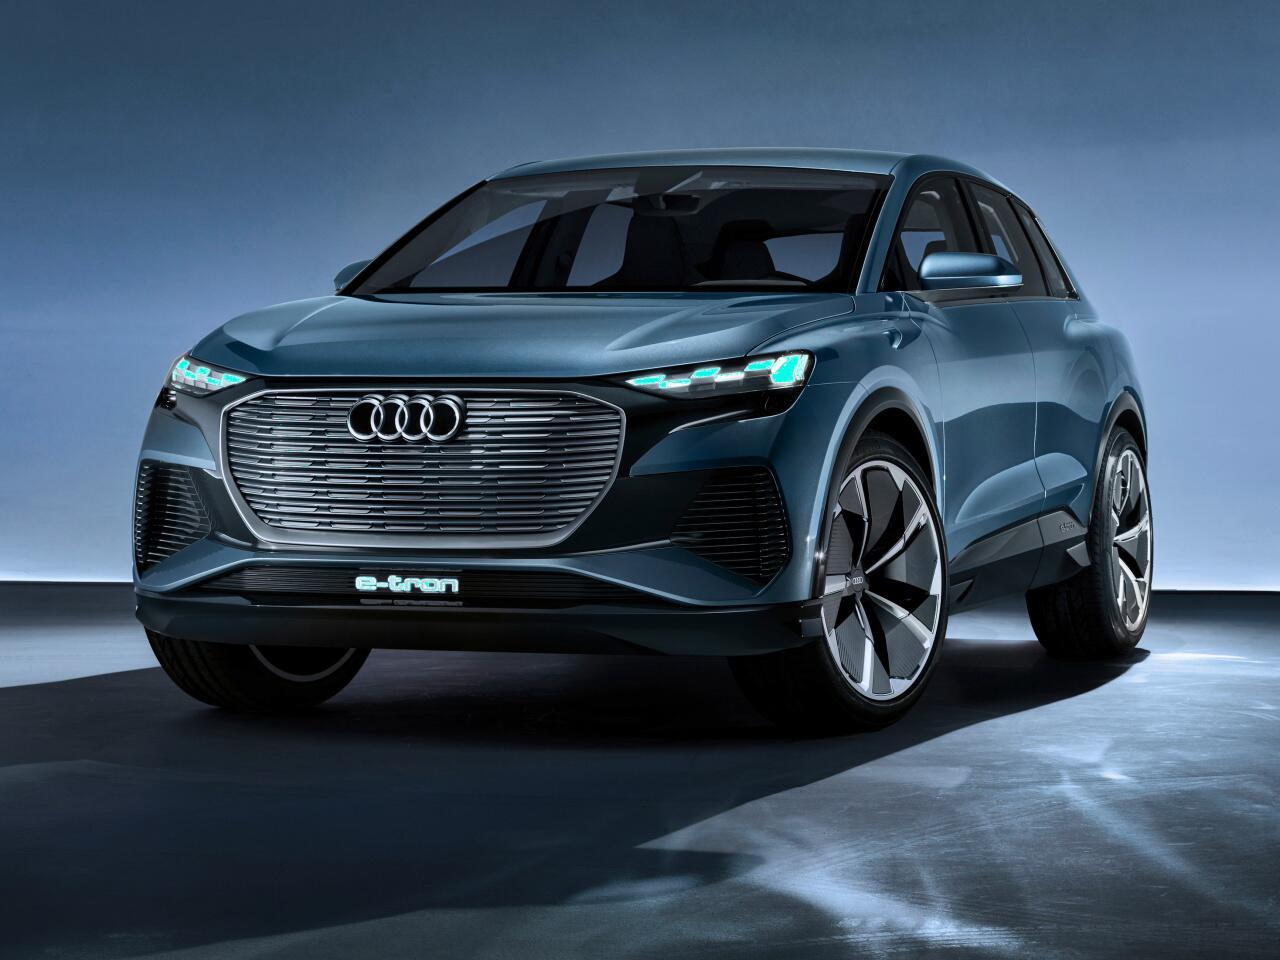 Bild zu Kompakter Elektro-SUV mit Allradantrieb: Audi Q4 e-tron concept